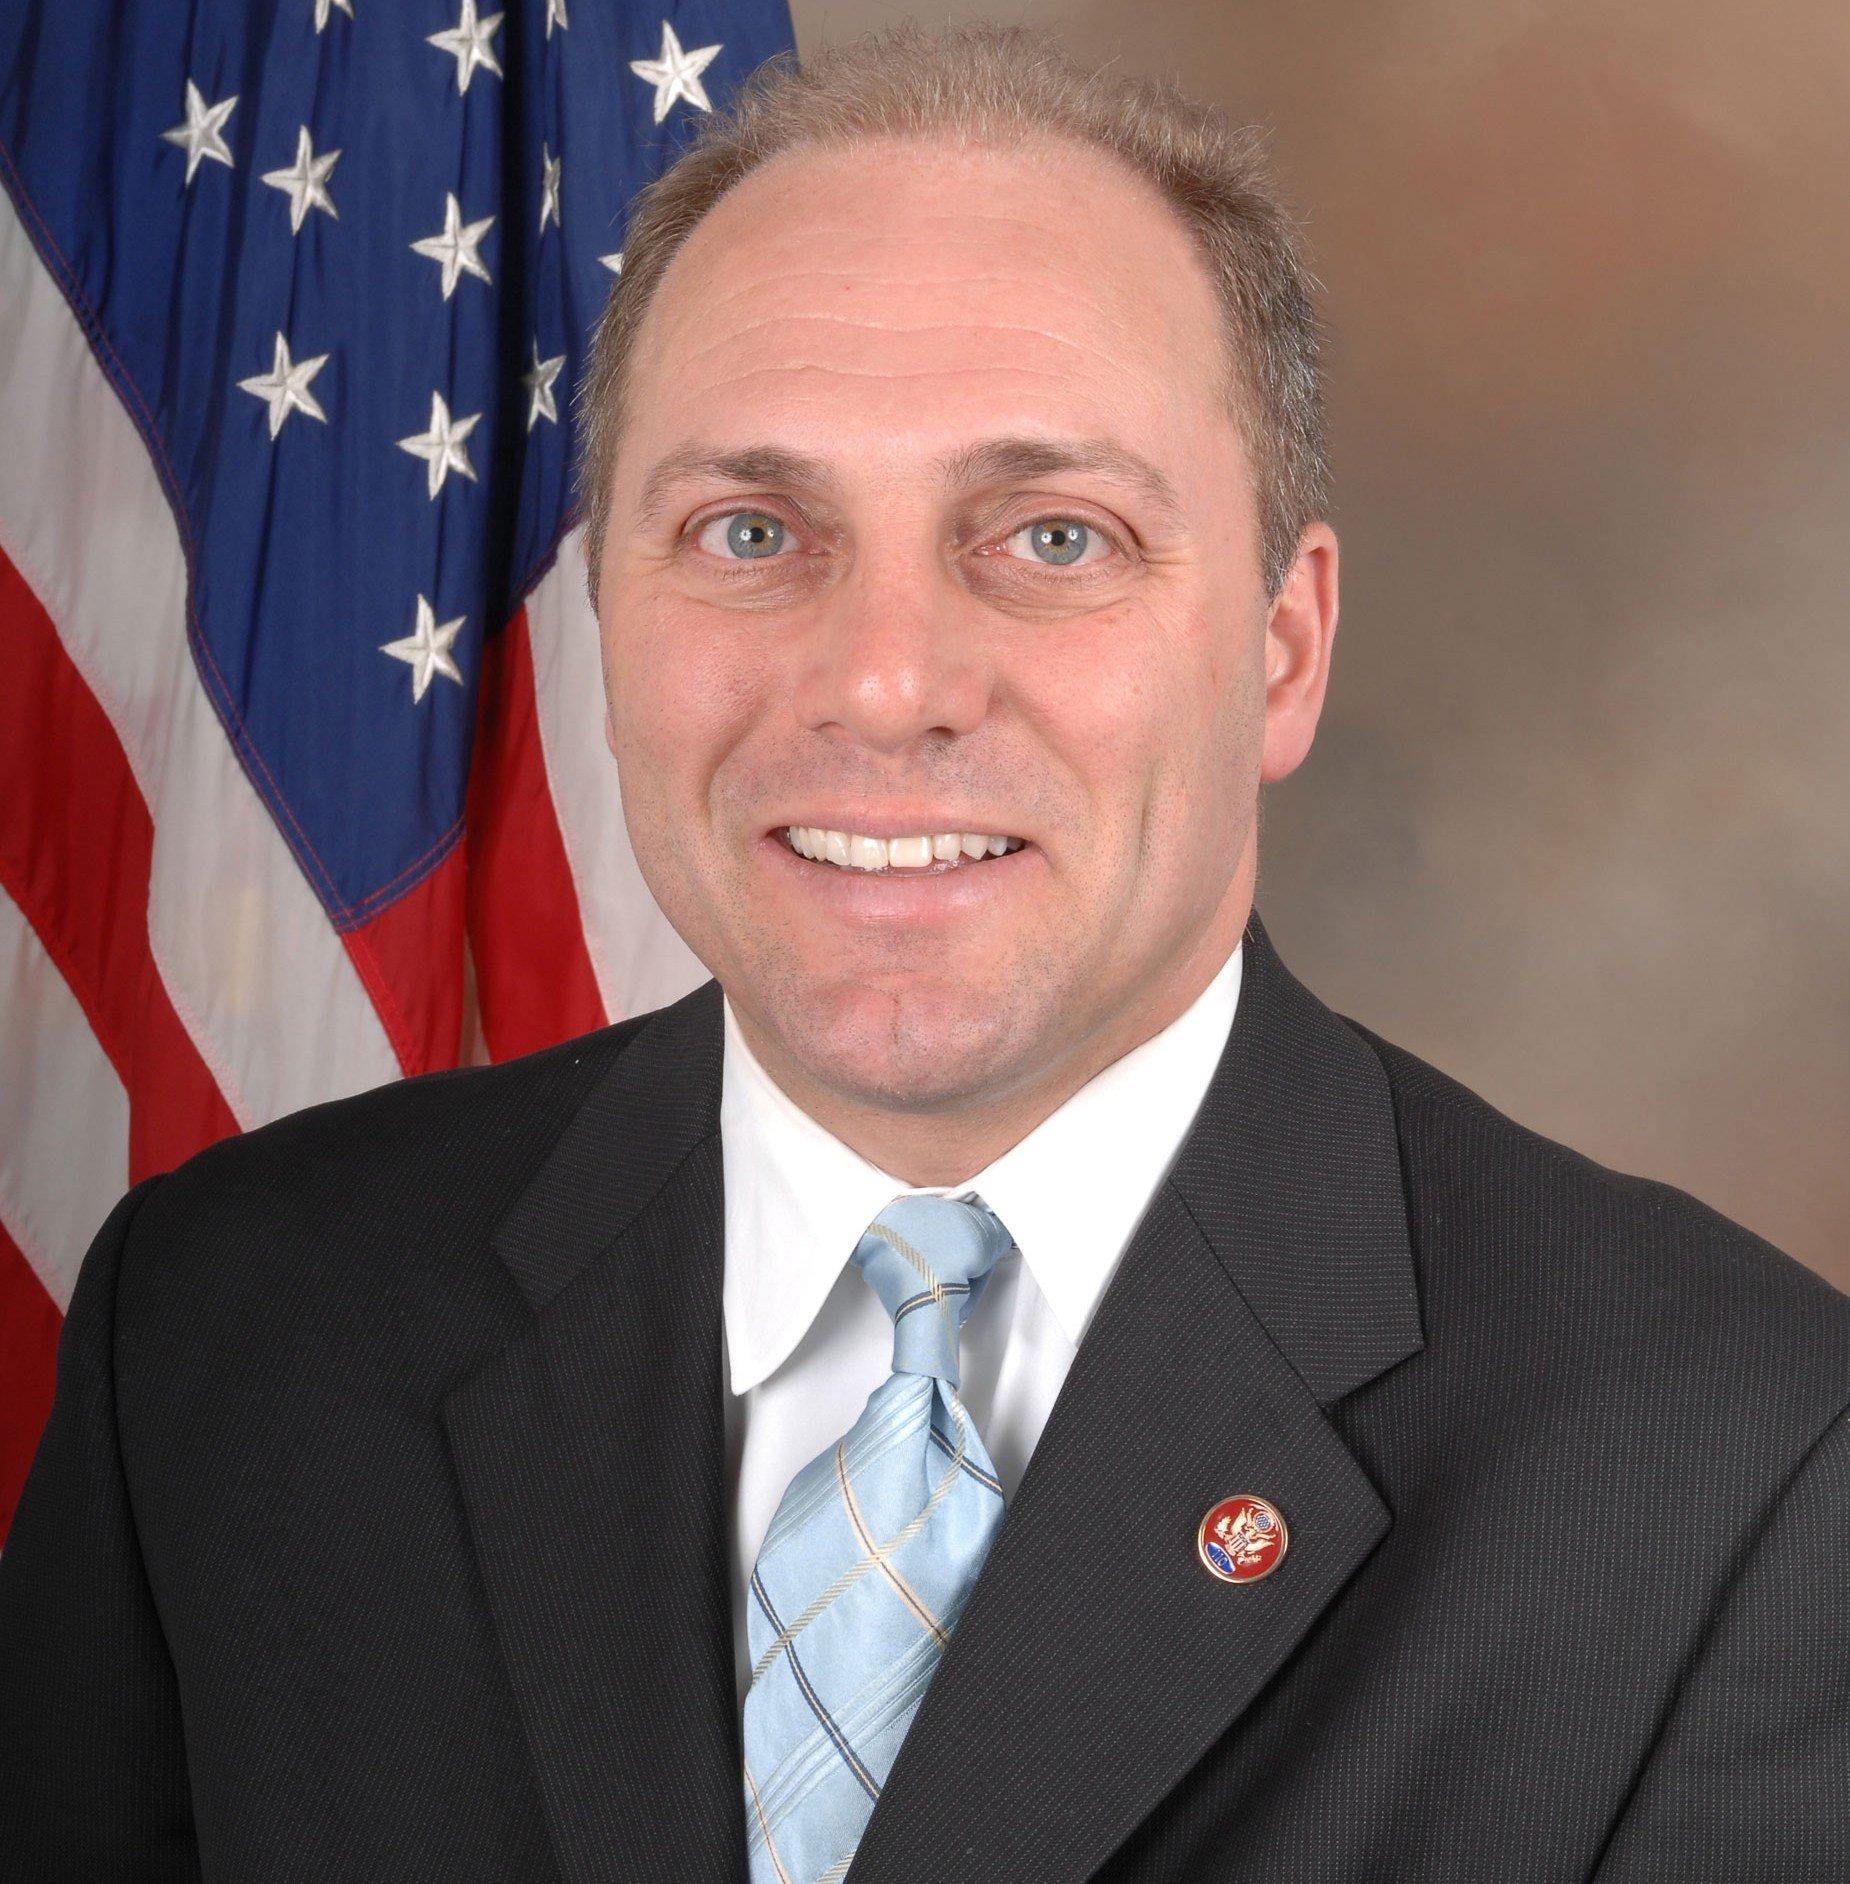 Rep. Steve Scalise